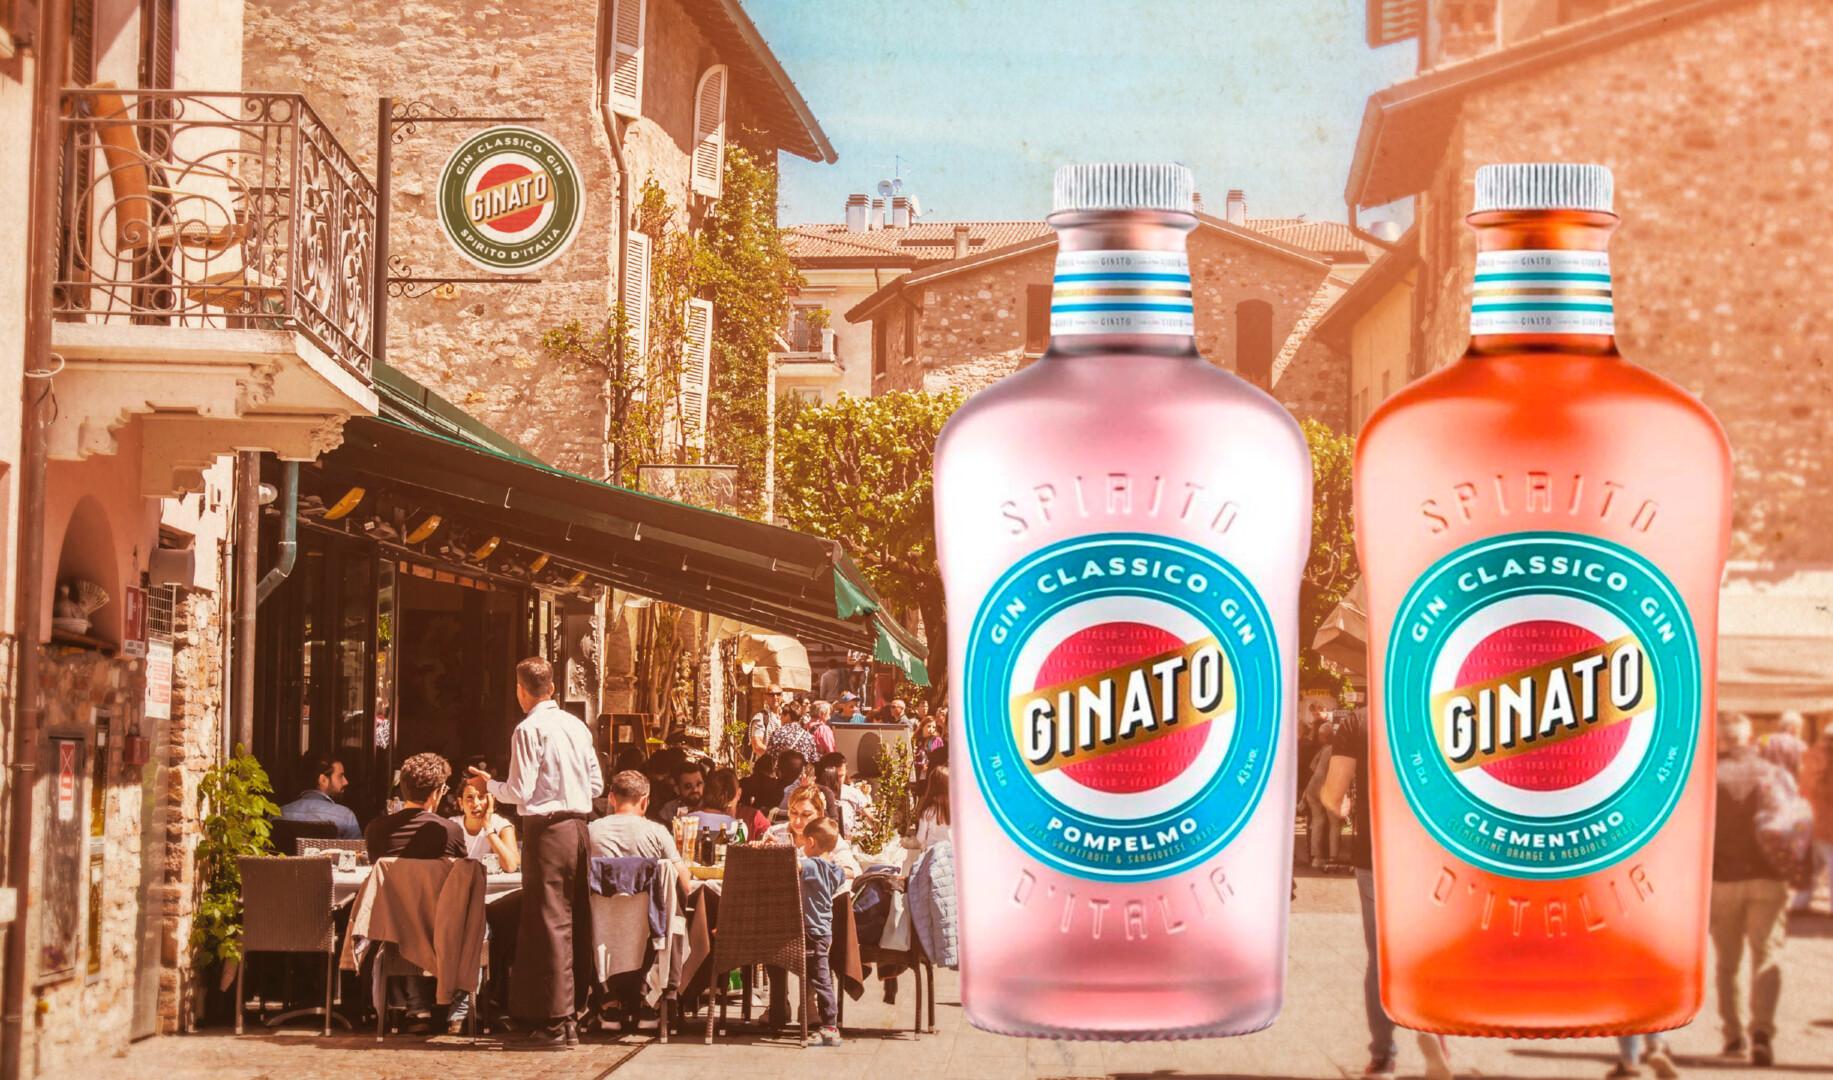 Forsidebillede af ginato flasker